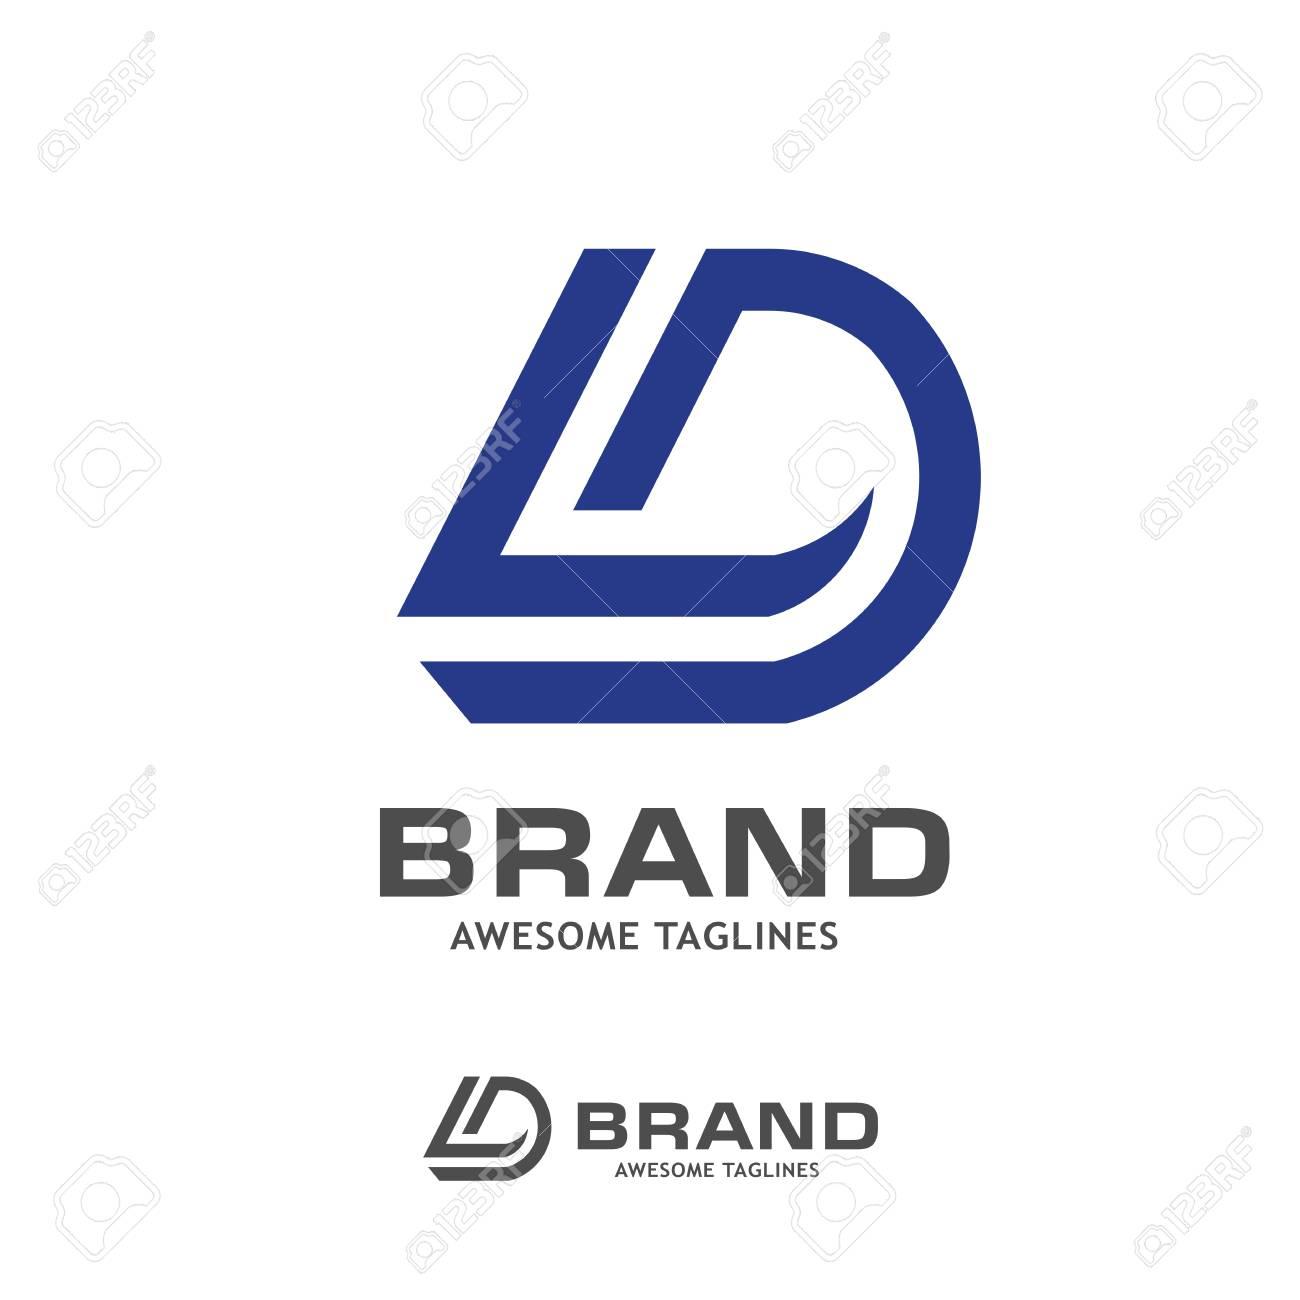 dl letter logo design